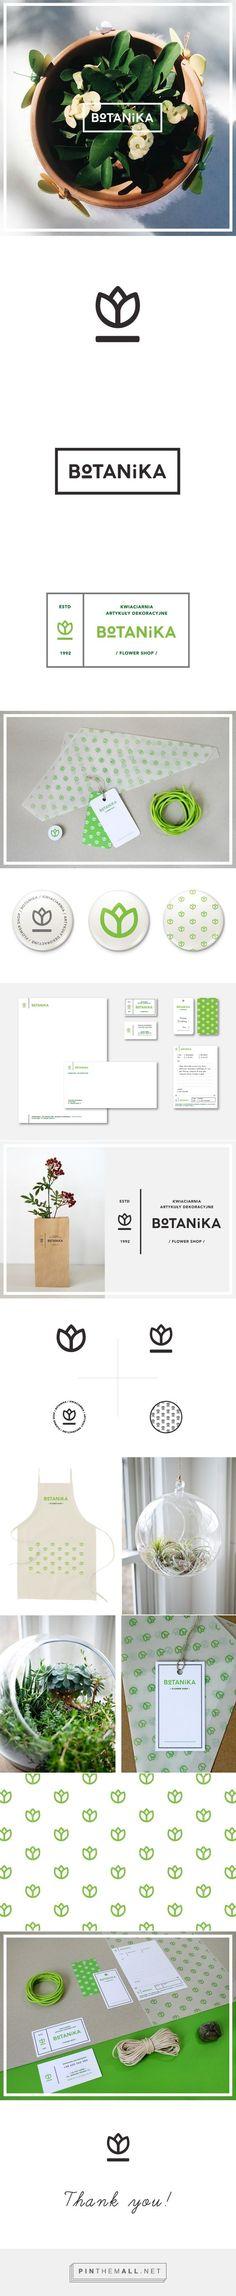 Botanika Branding on Behance | Fivestar Branding – Design and Branding Agency & Inspiration Gallery